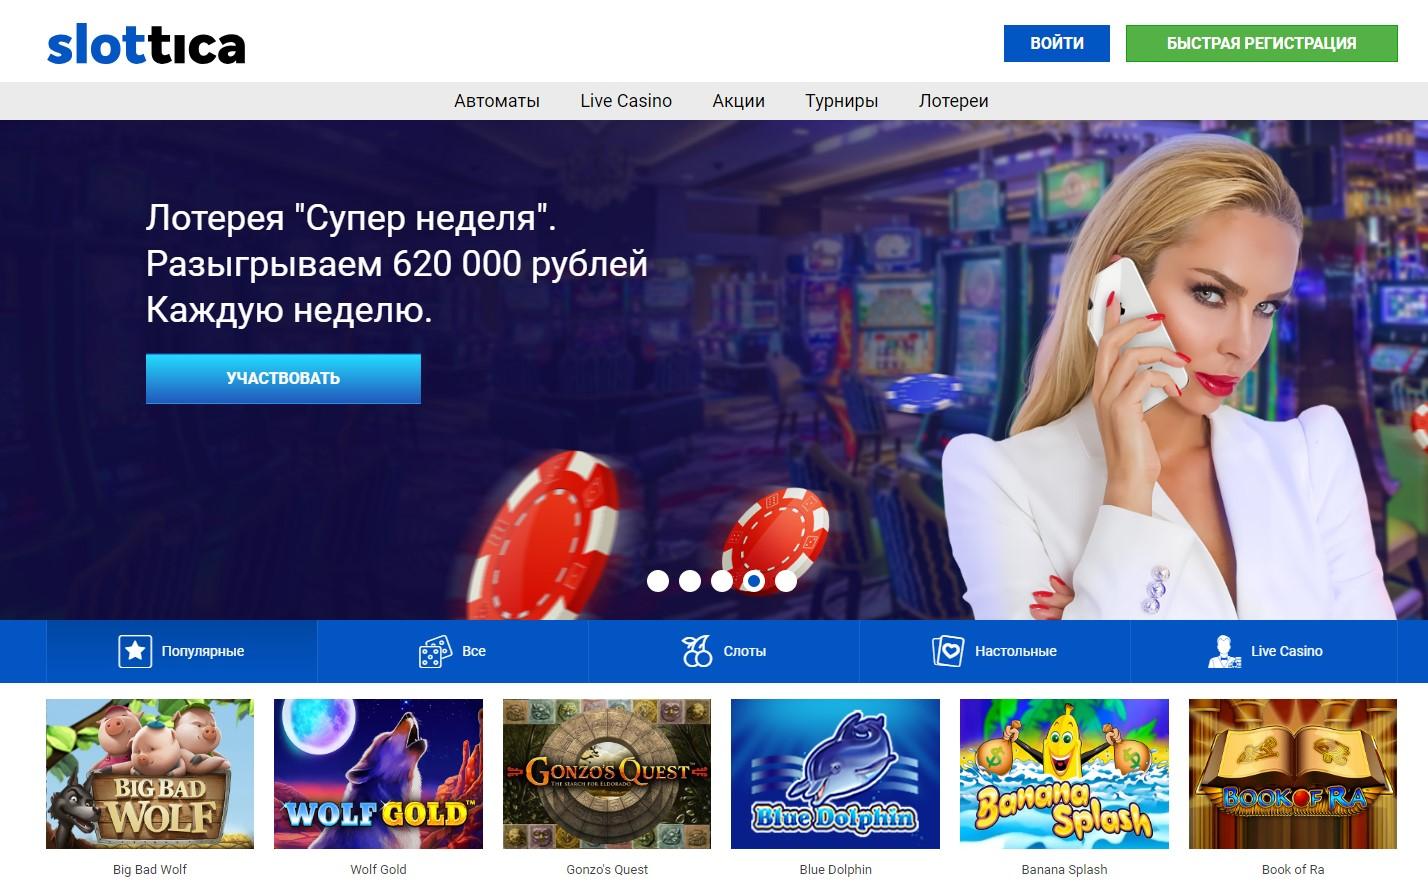 Slottica - Официальный сайт